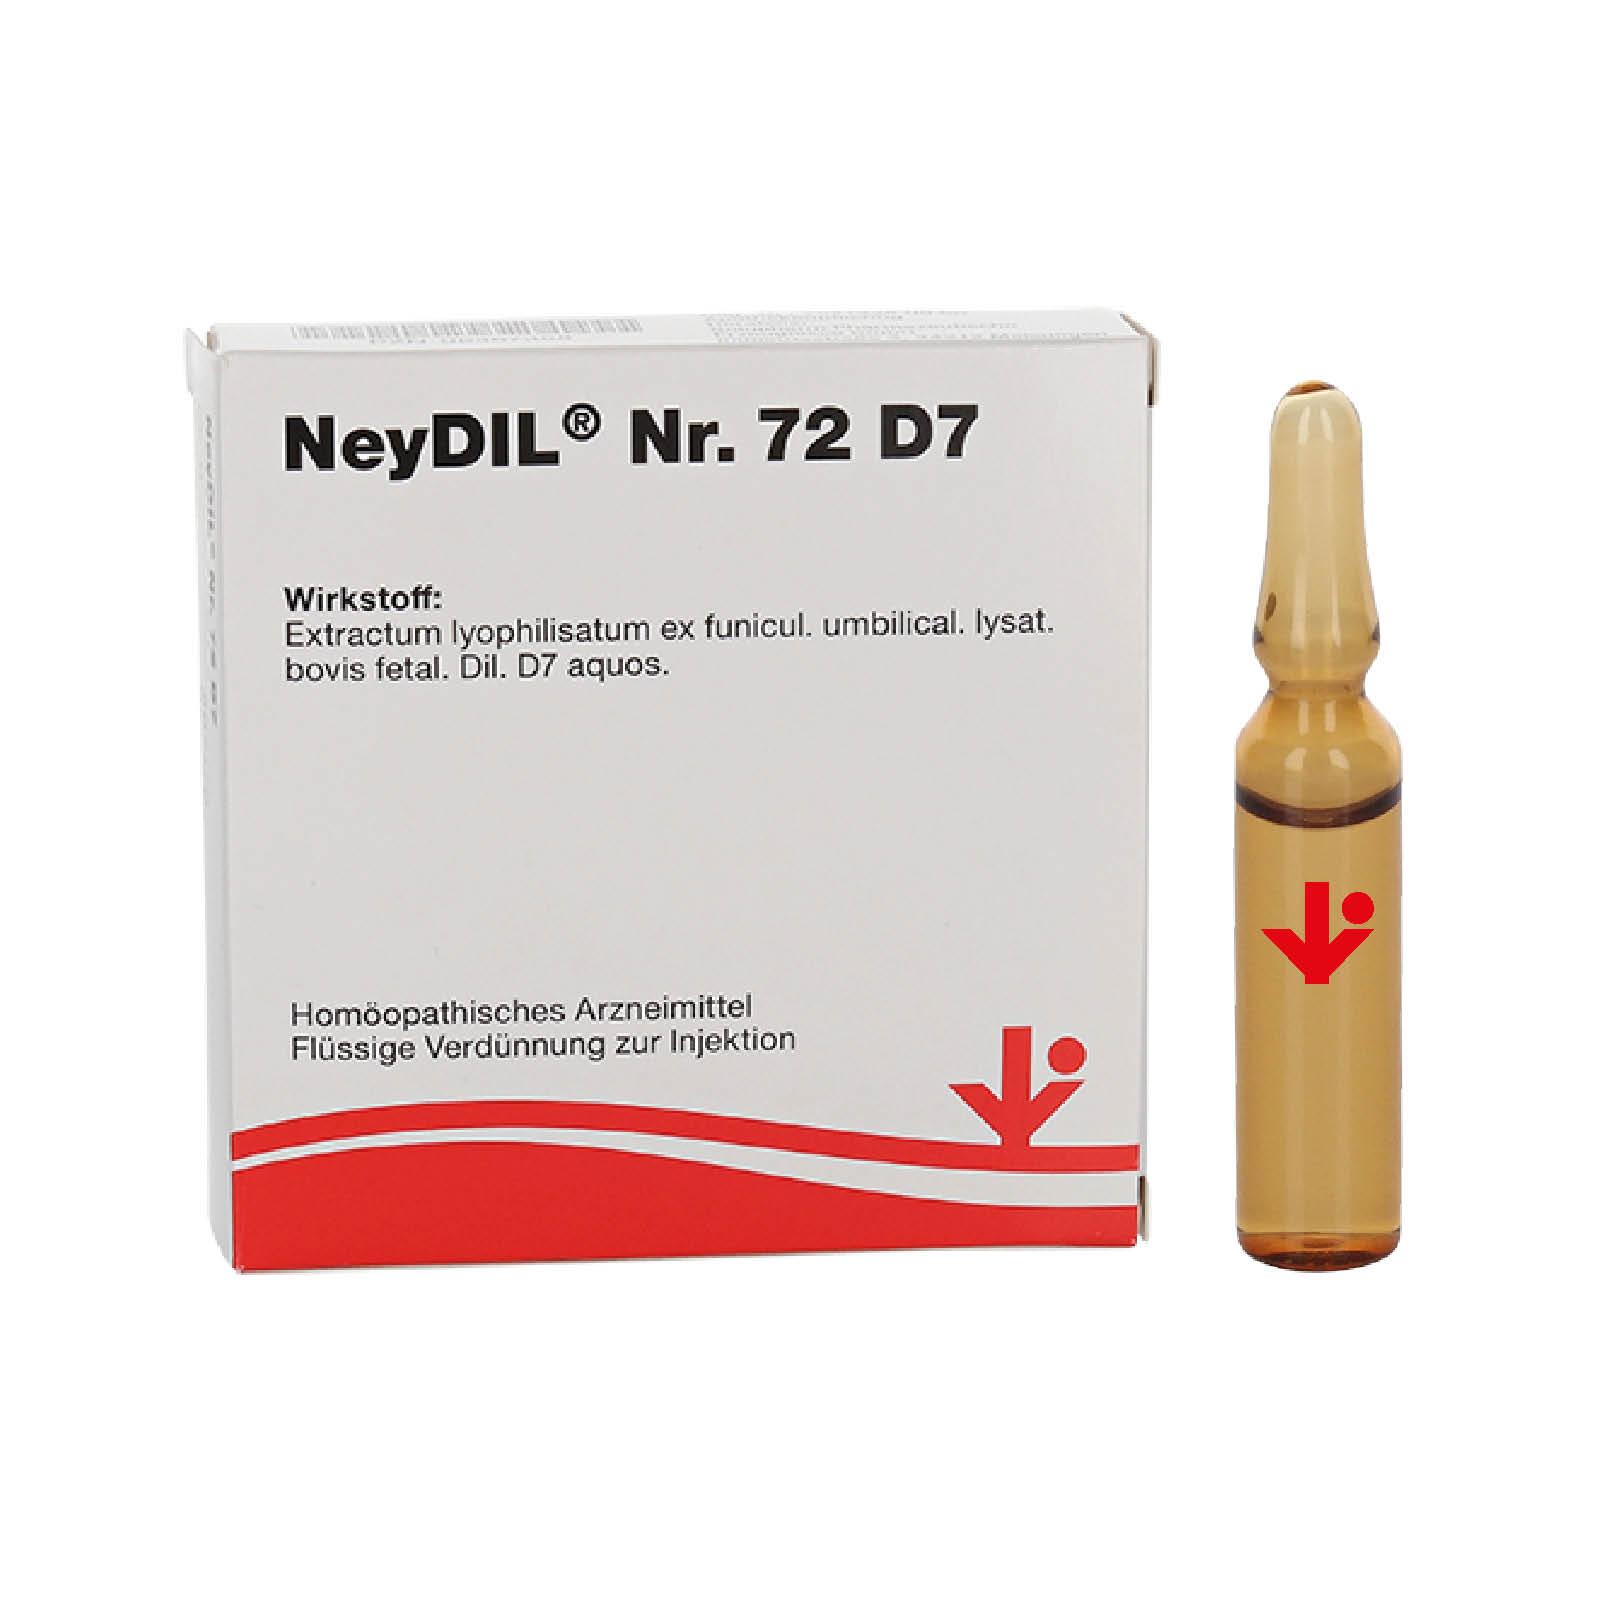 NeyDIL® Nr. 72 D7